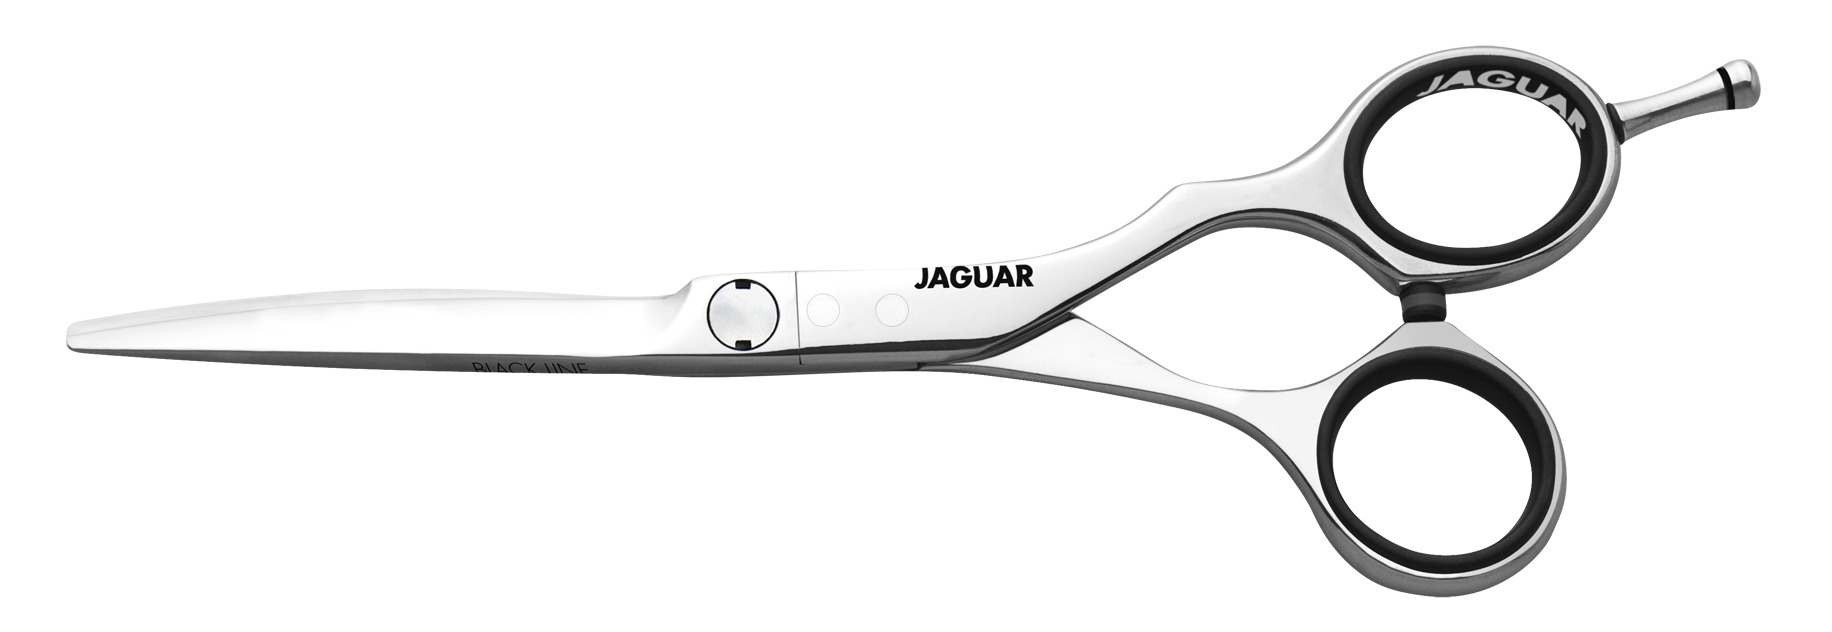 """JAGUAR Ножницы A Evolution 5.75 *****Ножницы <br>EVOLUTION 5.75"""" = 15.0 cm Элегантные и привлекательные, отвечающие самым высоким требованиям. Длинна полотен ножниц : 15 см.<br><br>Класс косметики: Профессиональная"""